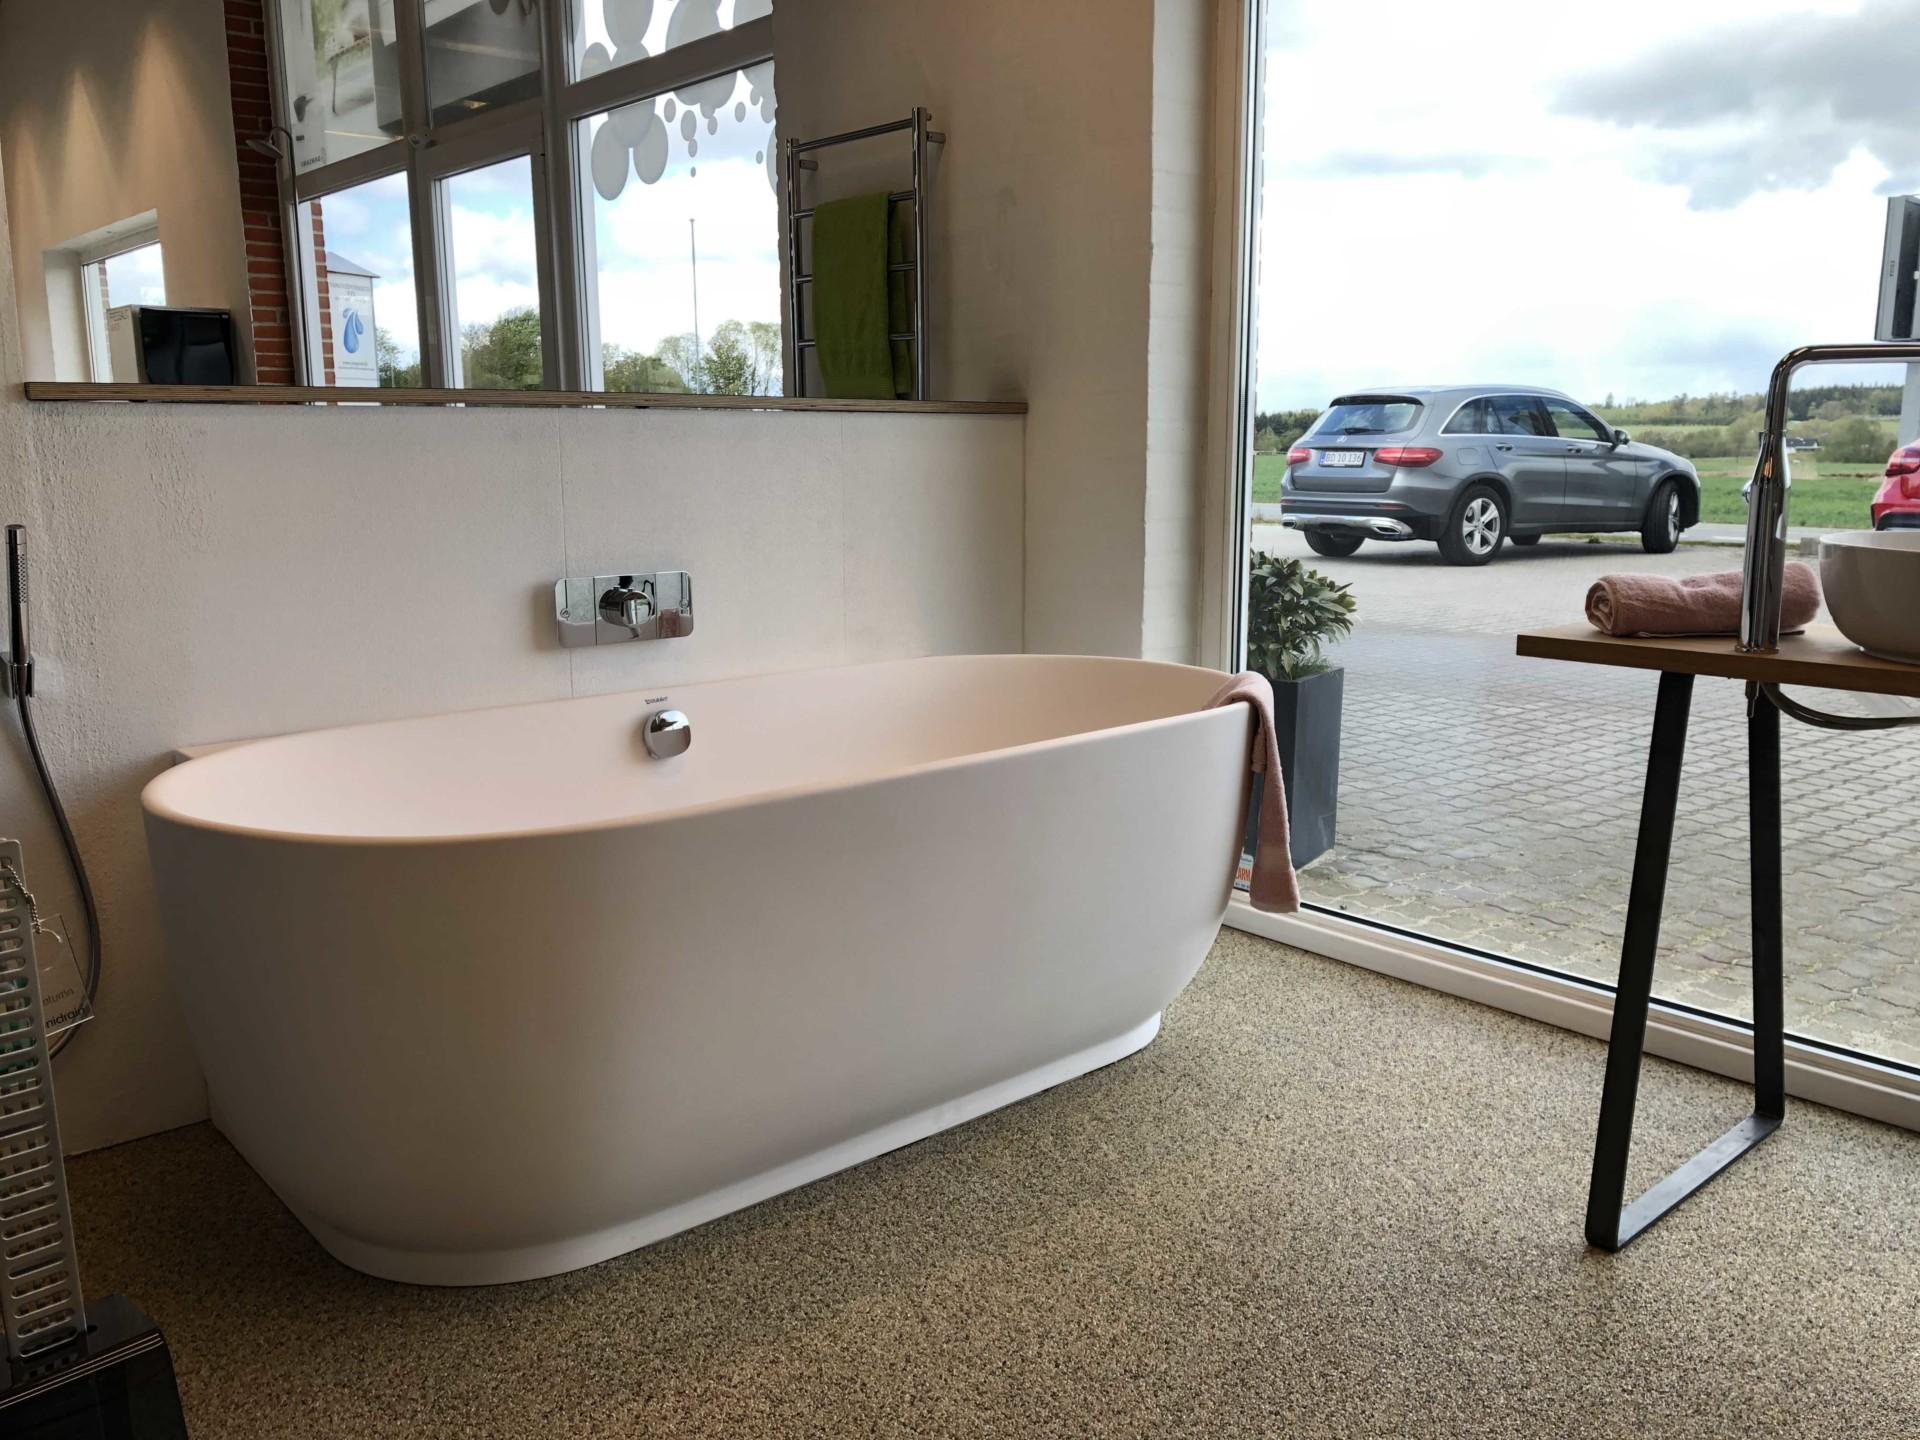 Vangvedvængets VVS badekar udstilling showroom badeværelse